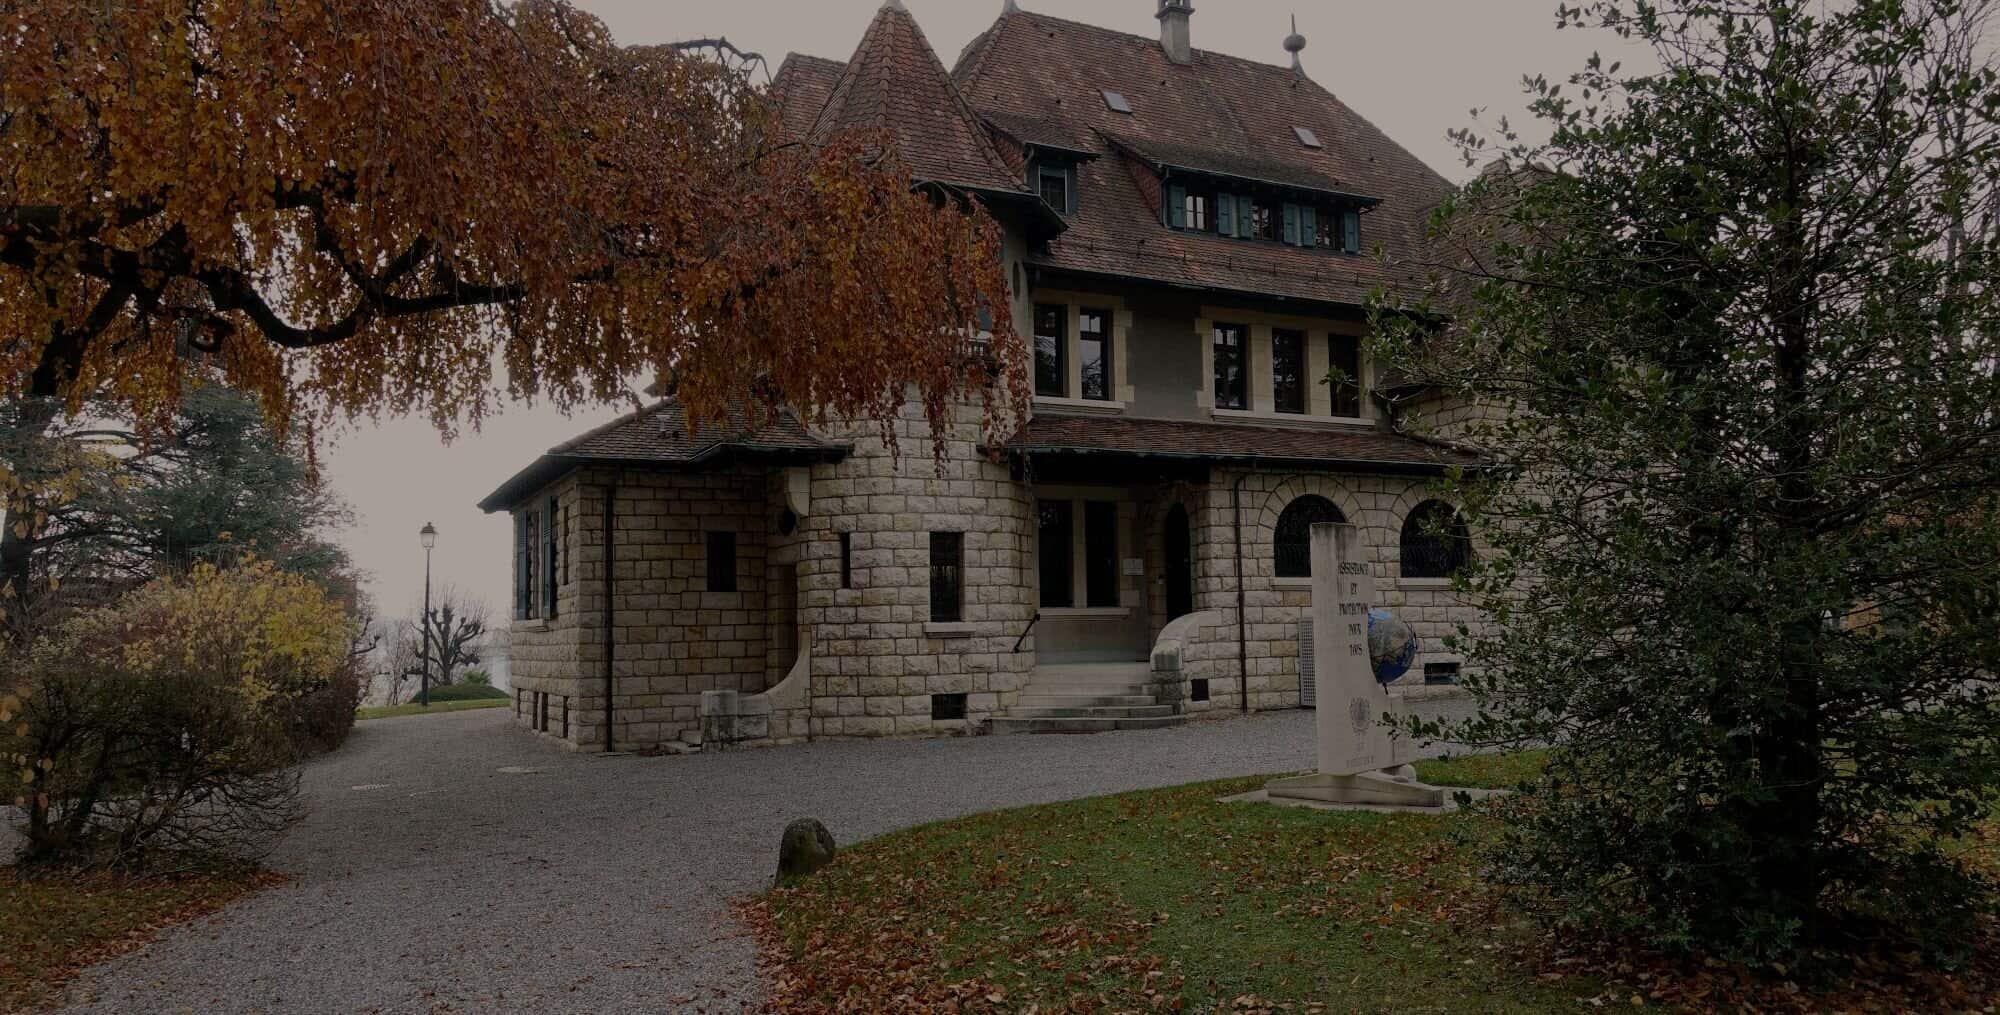 Le siège de l'OIPC à Genève - Wikimedia Commons